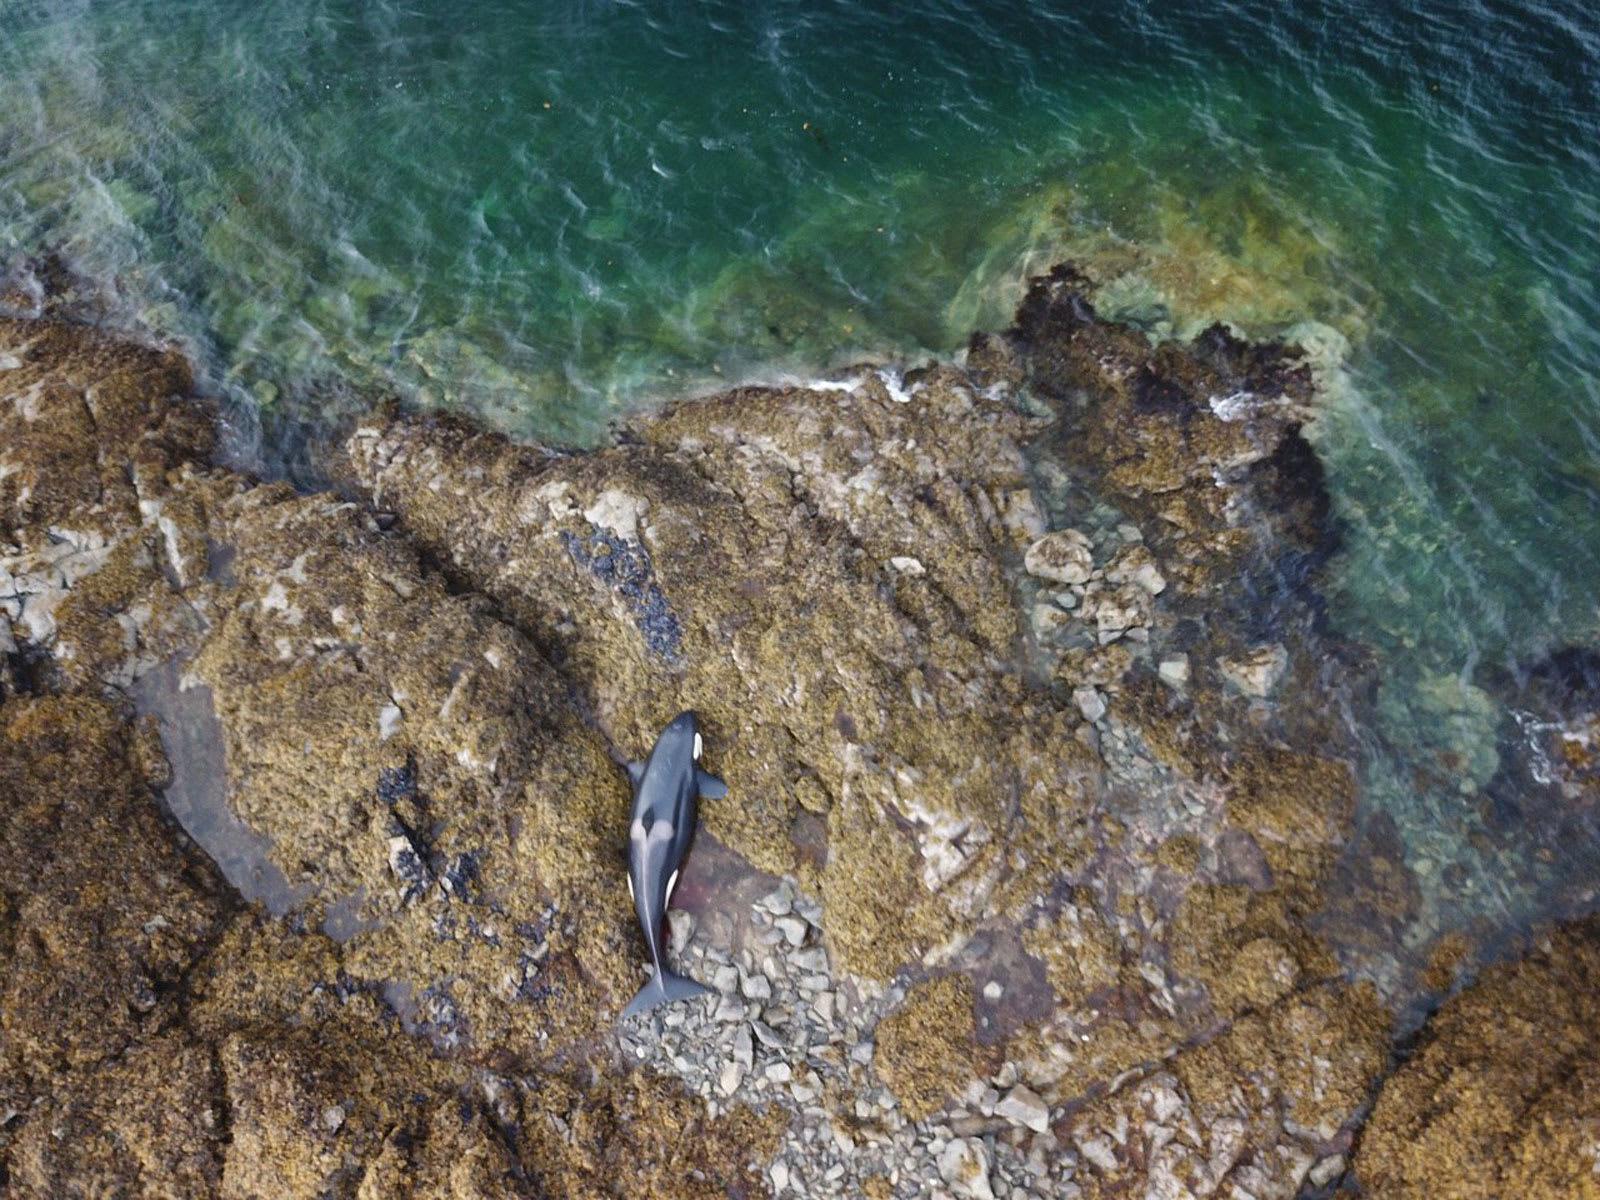 ظل عالقاً لساعات.. إنقاذ حوت أوركا من ساحل صخري في ألاسكا